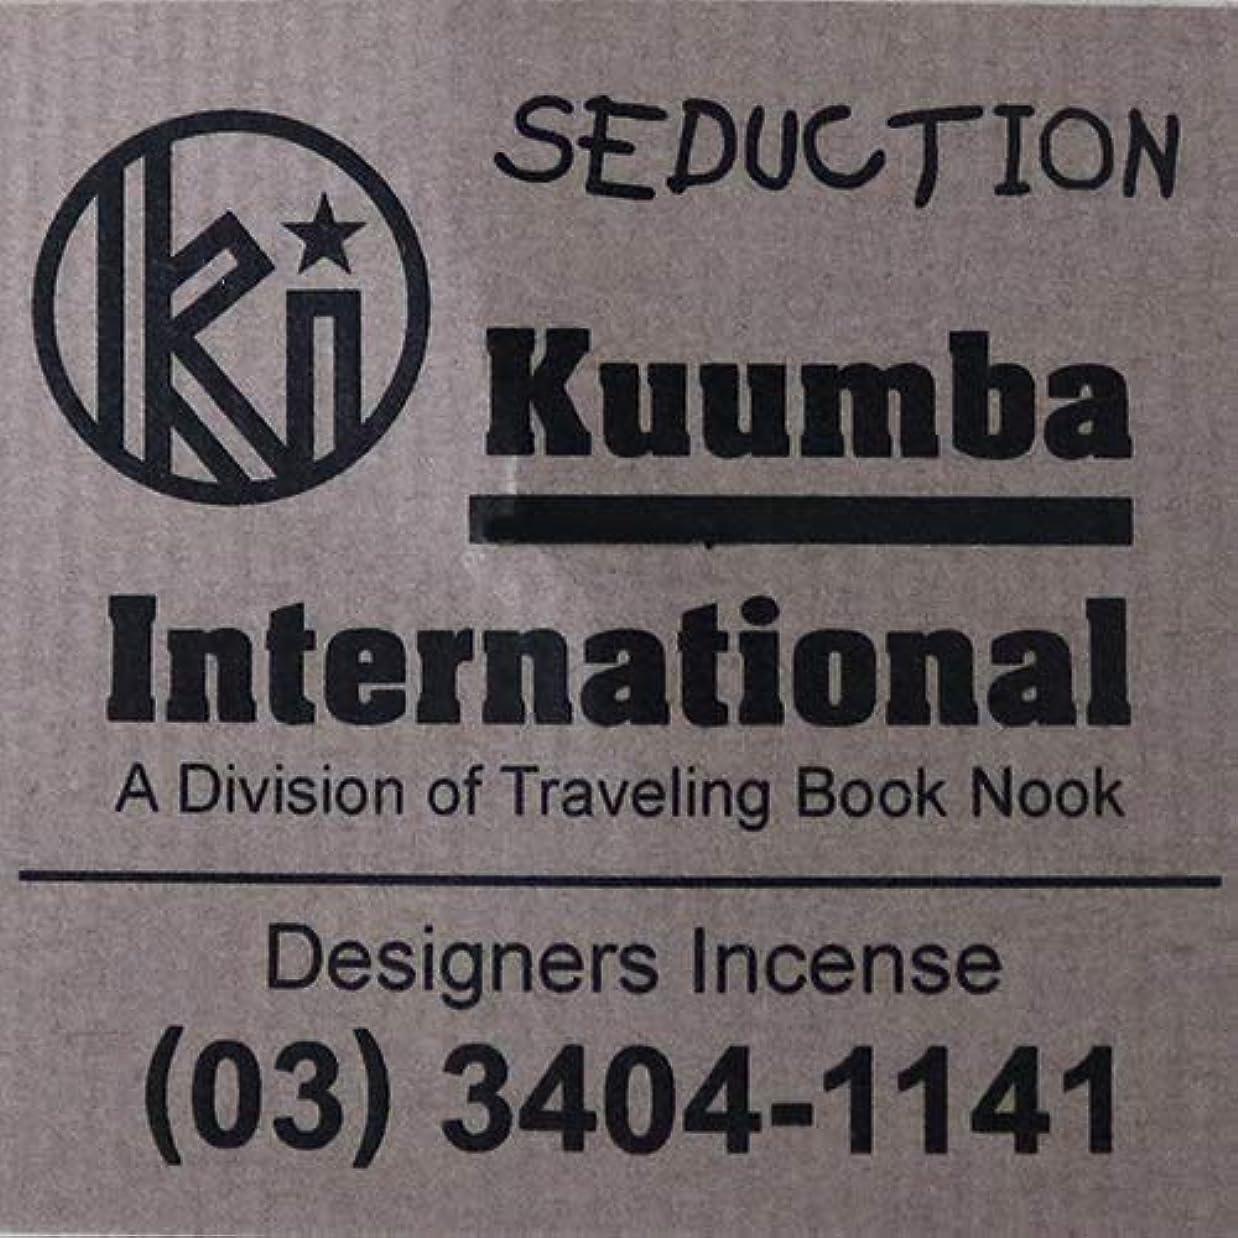 軌道ガソリン神経衰弱(クンバ) KUUMBA『incense』(SEDUCTION) (SEDUCTION, Regular size)